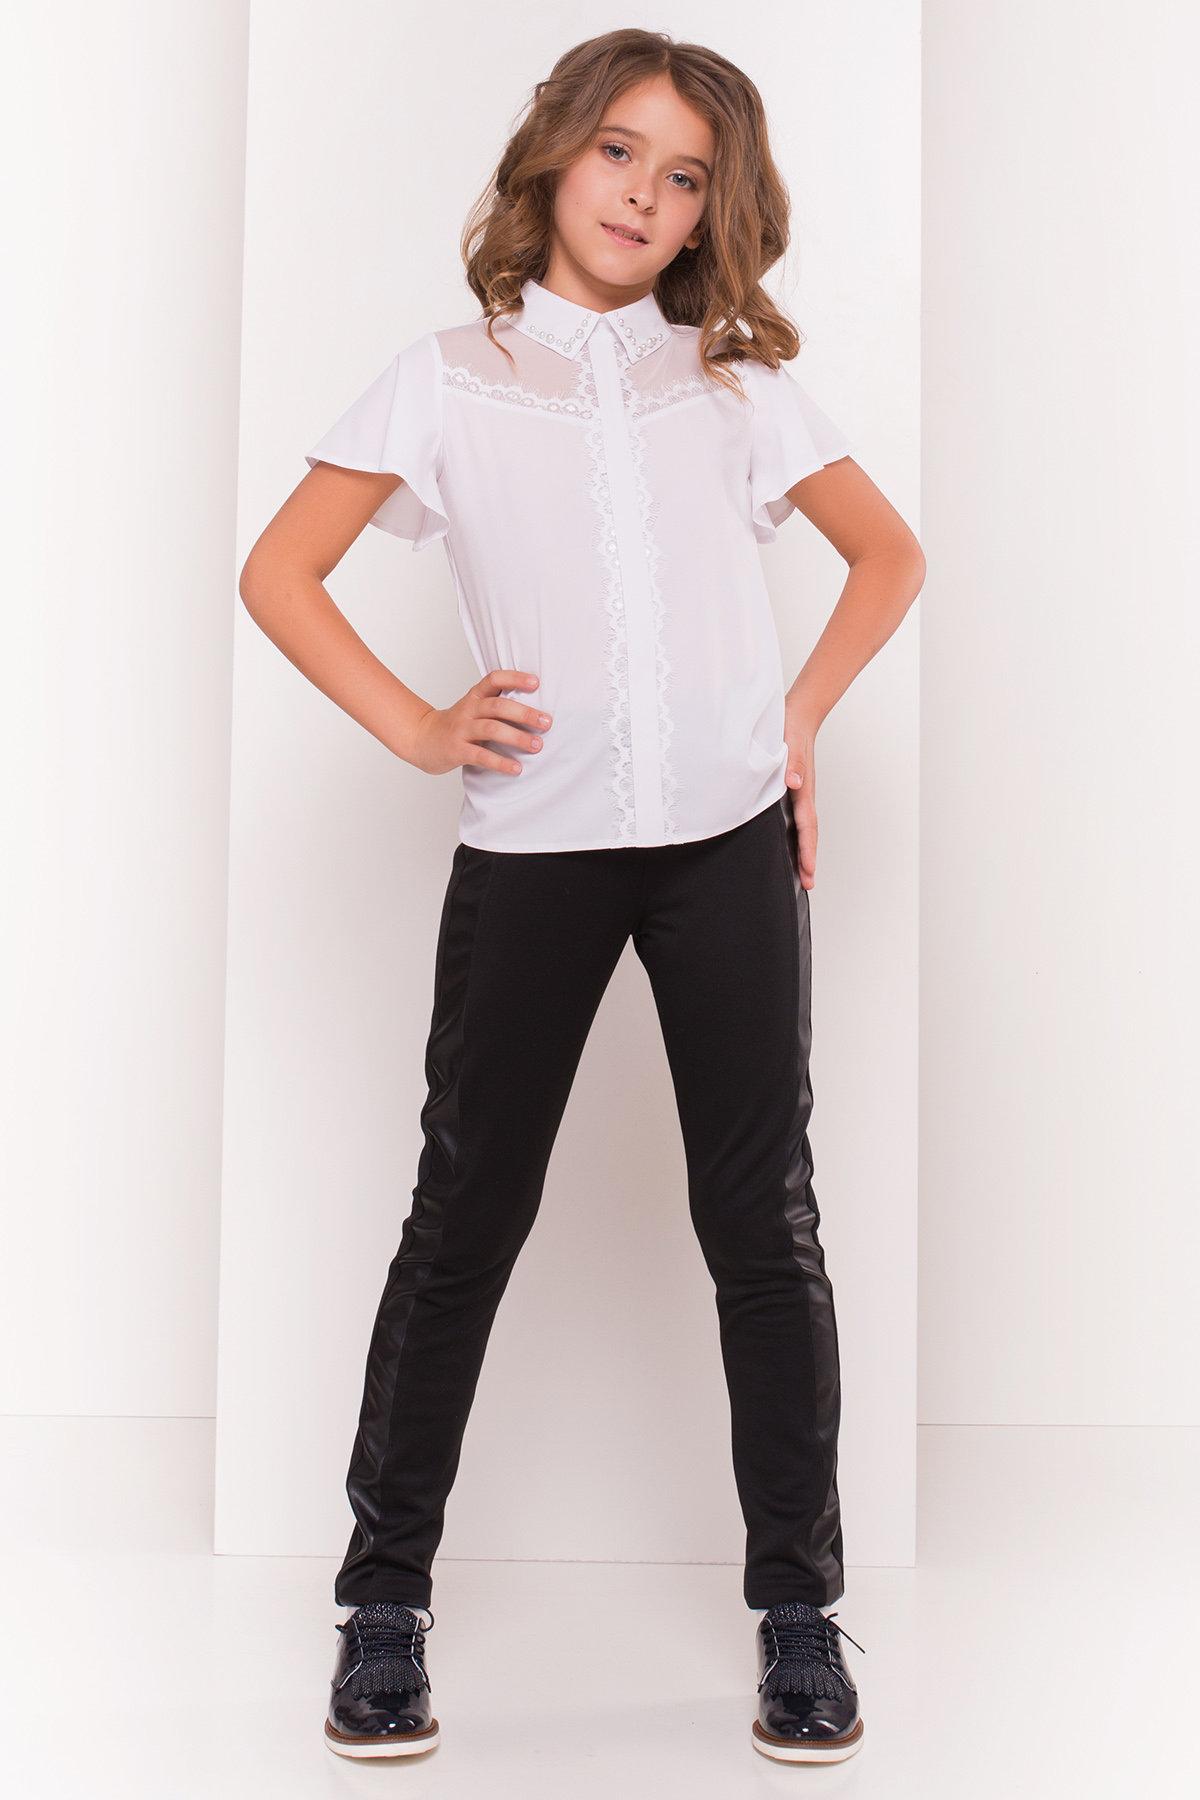 Блуза детская Зира 5135 АРТ. 36285 Цвет: Белый - фото 1, интернет магазин tm-modus.ru